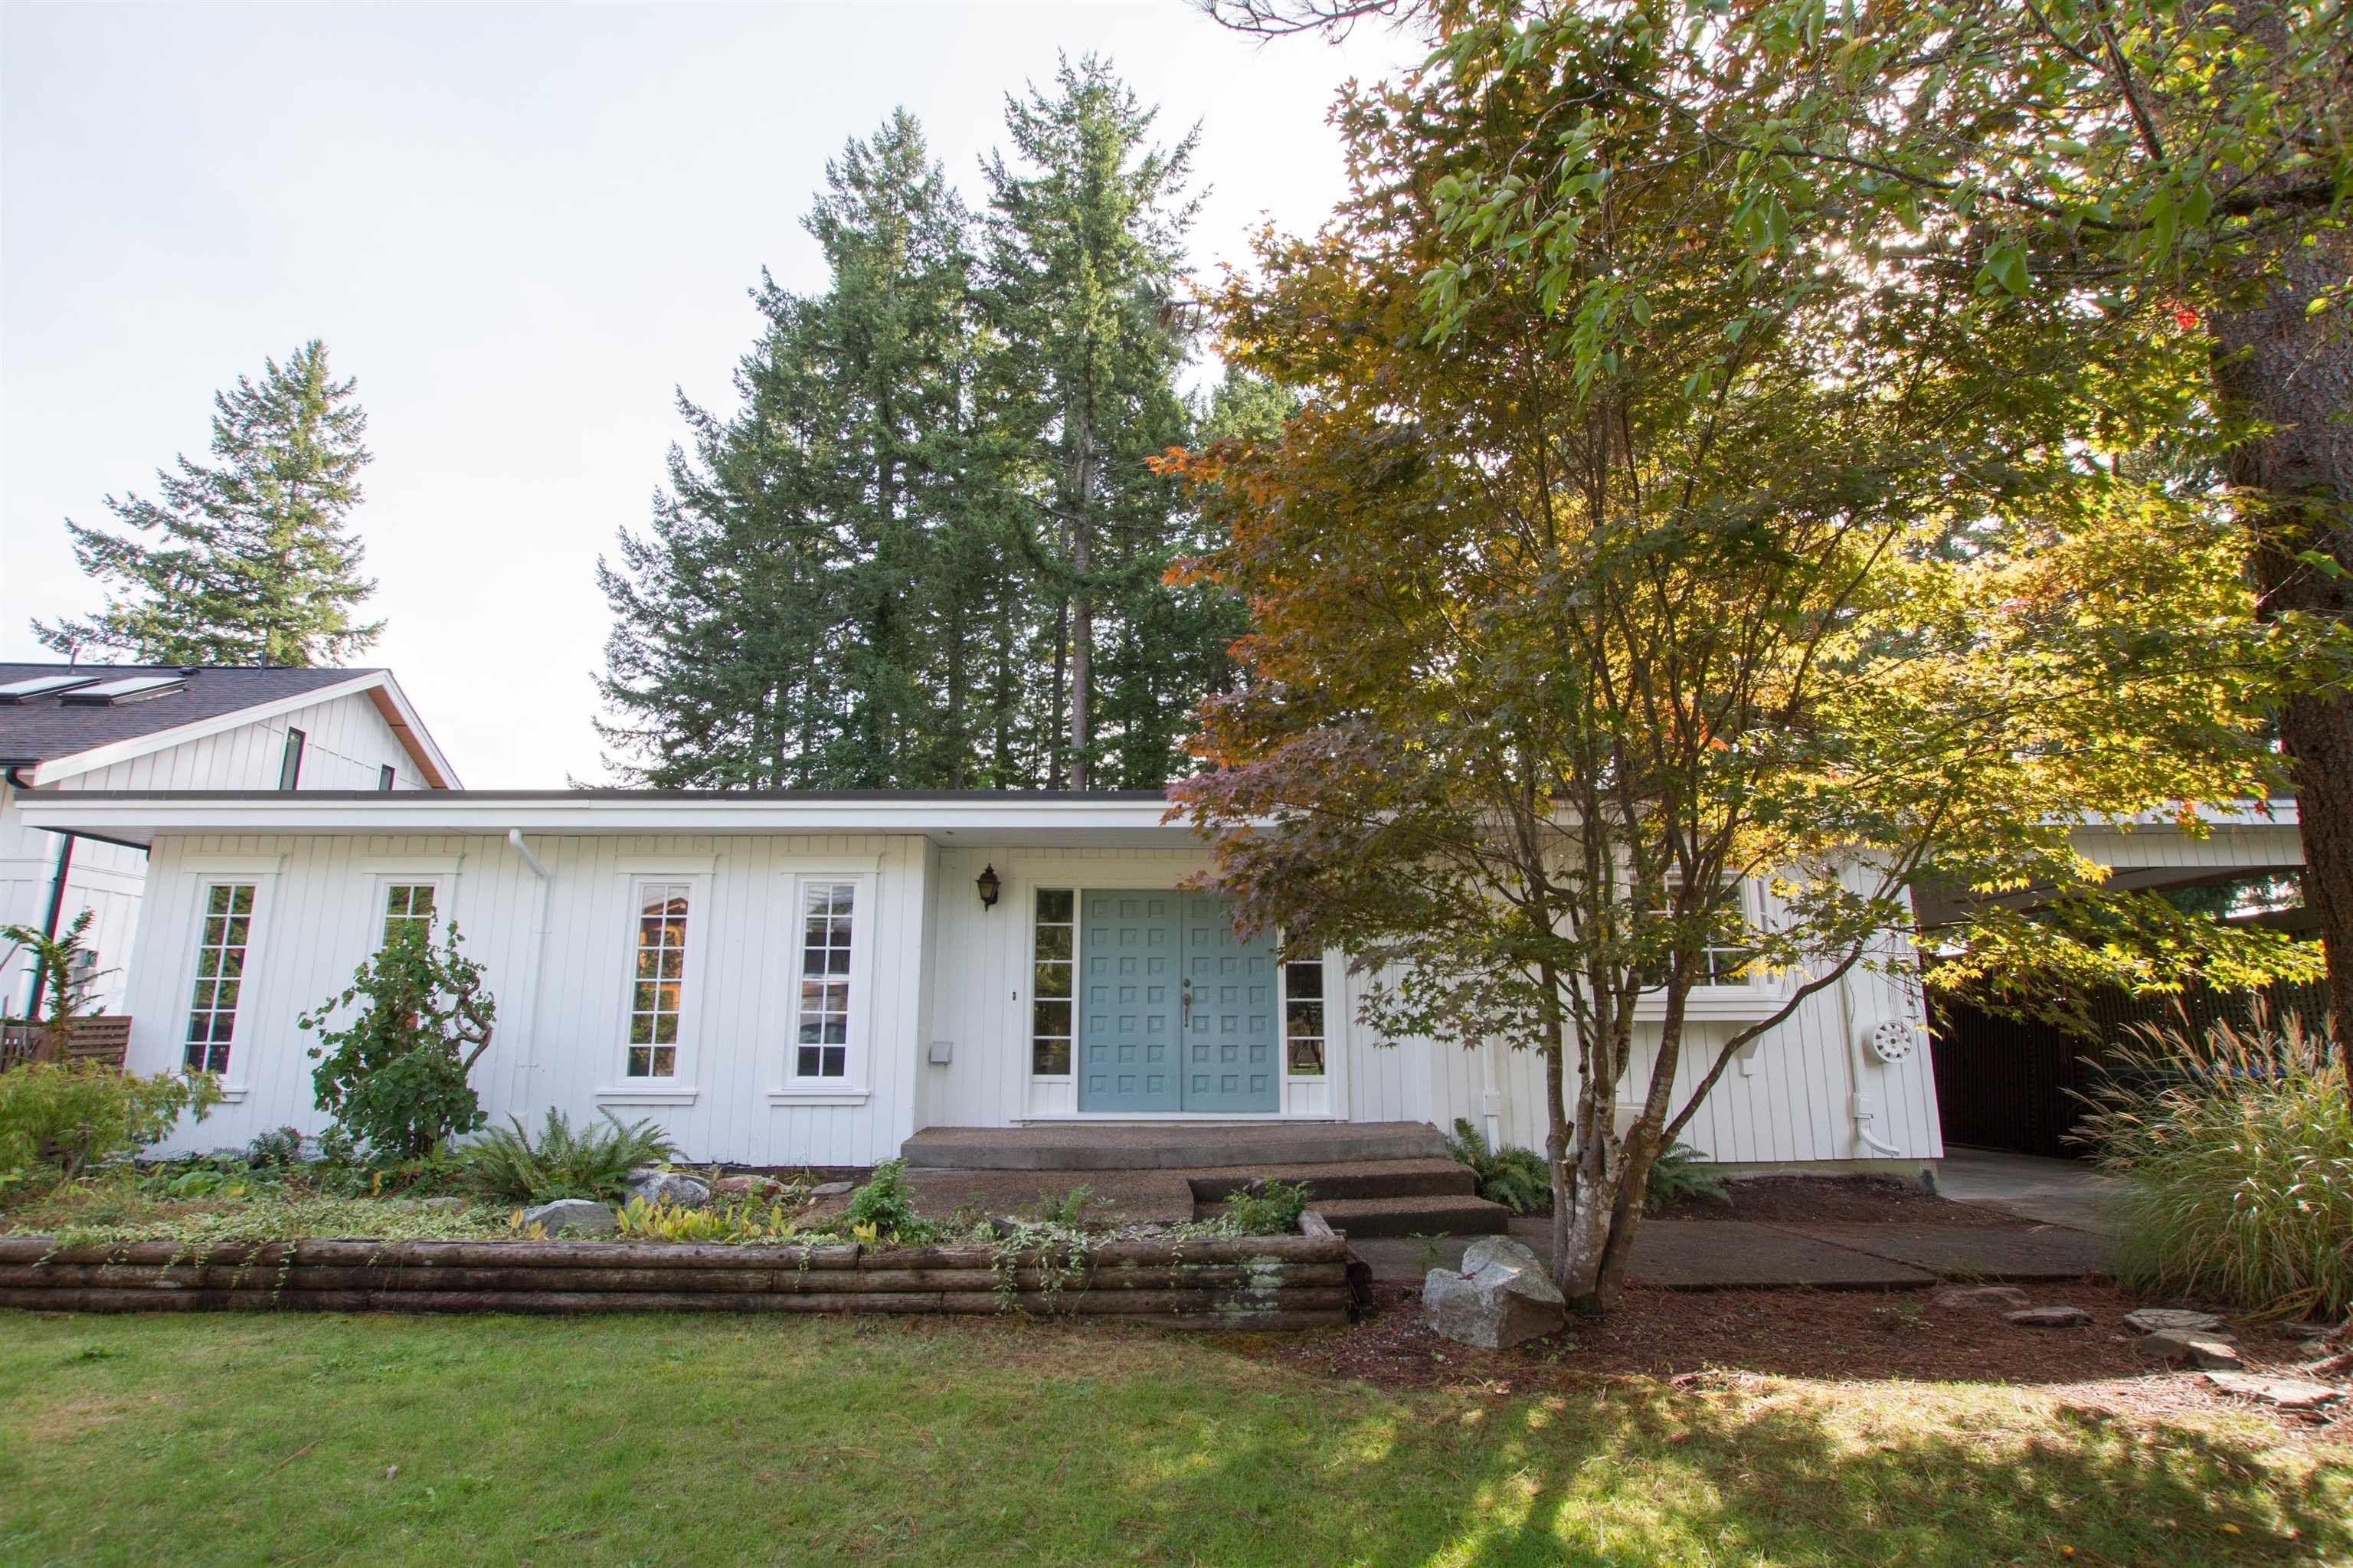 """Main Photo: 40216 KINTYRE Drive in Squamish: Garibaldi Highlands House for sale in """"Garibaldi Highlands"""" : MLS®# R2623133"""